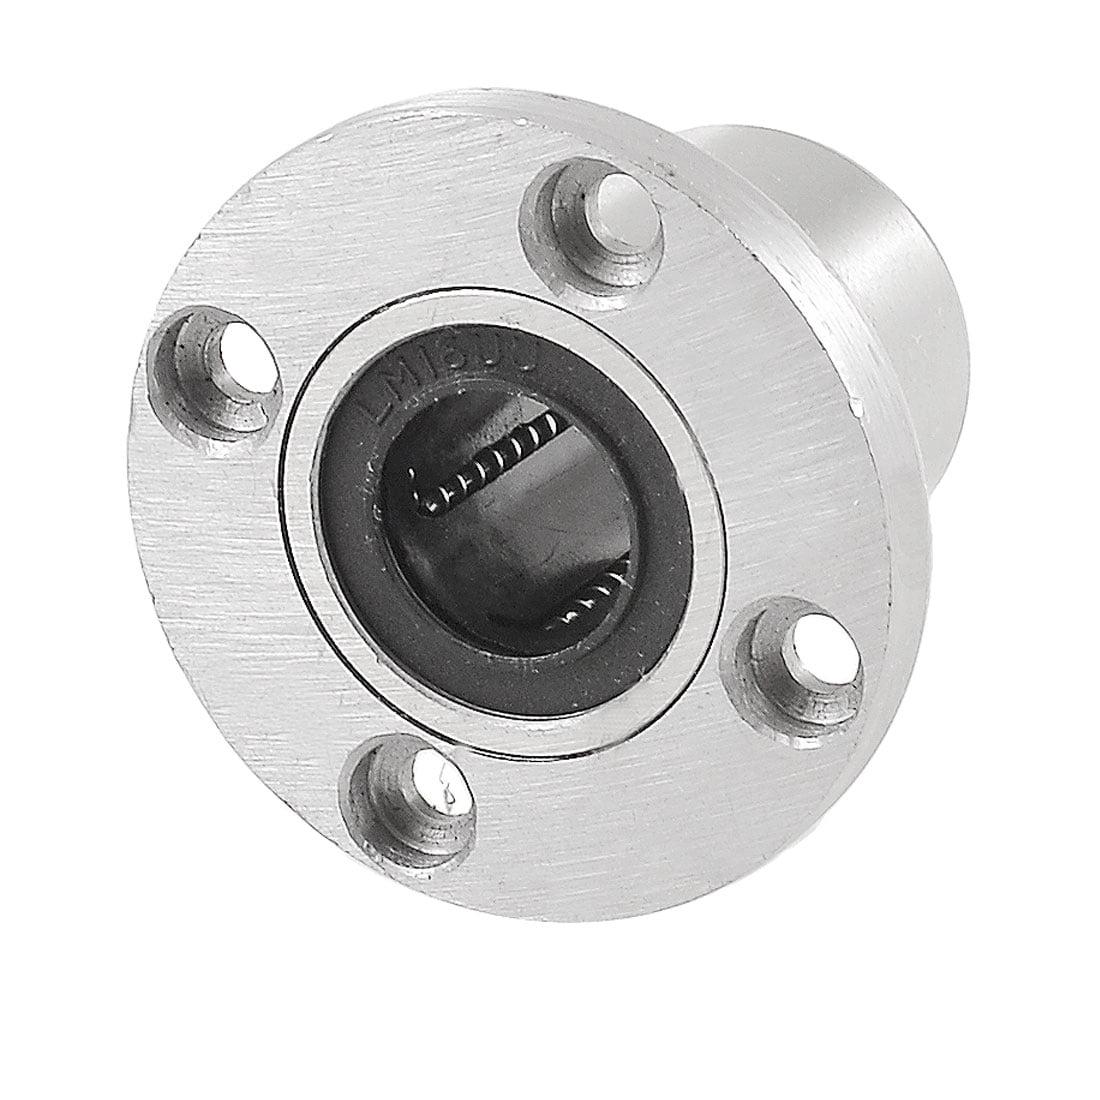 LMF16UU 16mm Inner Diameter 4 Bolt Flange Linear Motion Bushing Ball Bearing